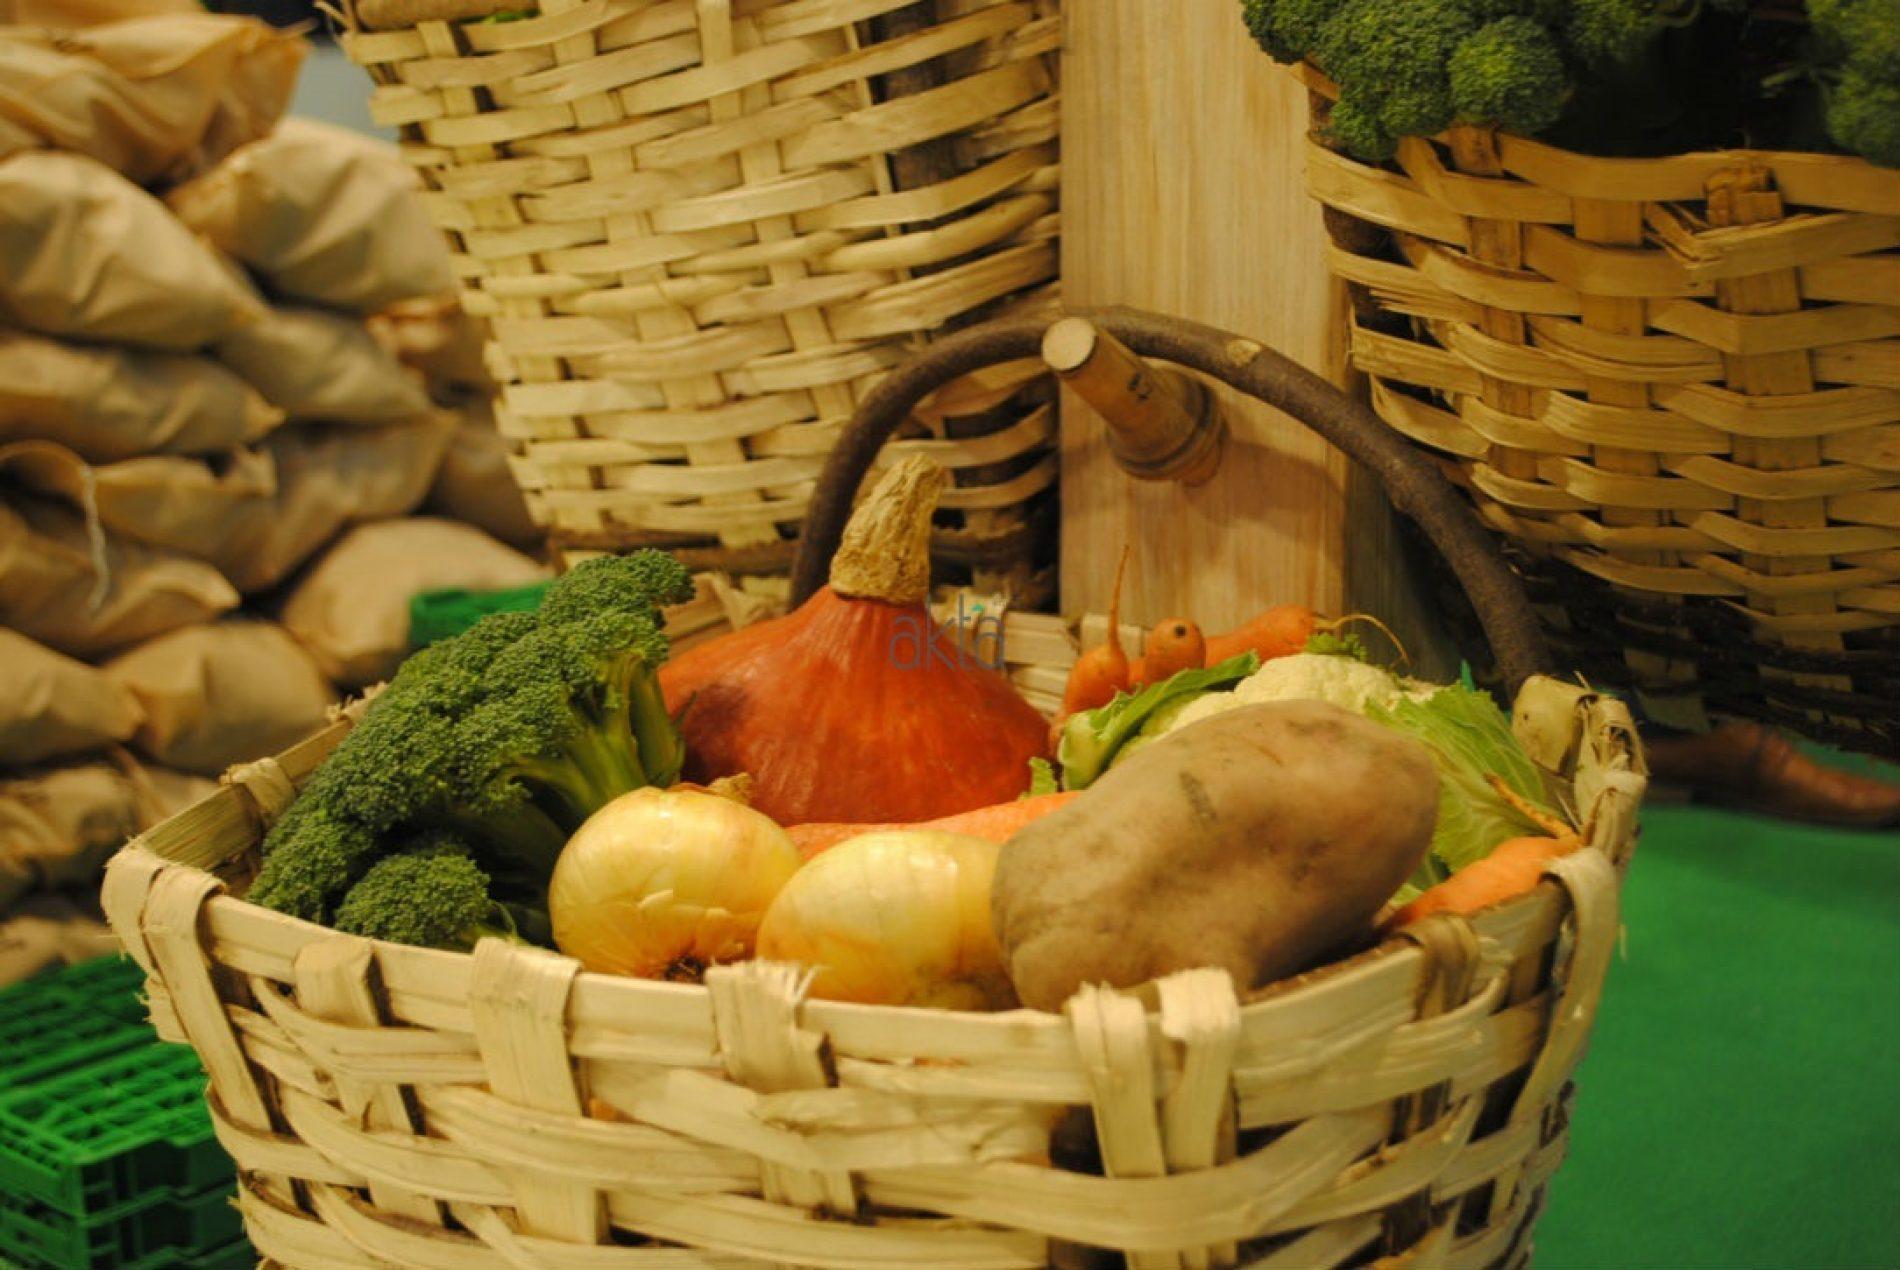 Veliki domaći proizvodni centar voća i povrća otvara prodajno mjesto u Sarajevu